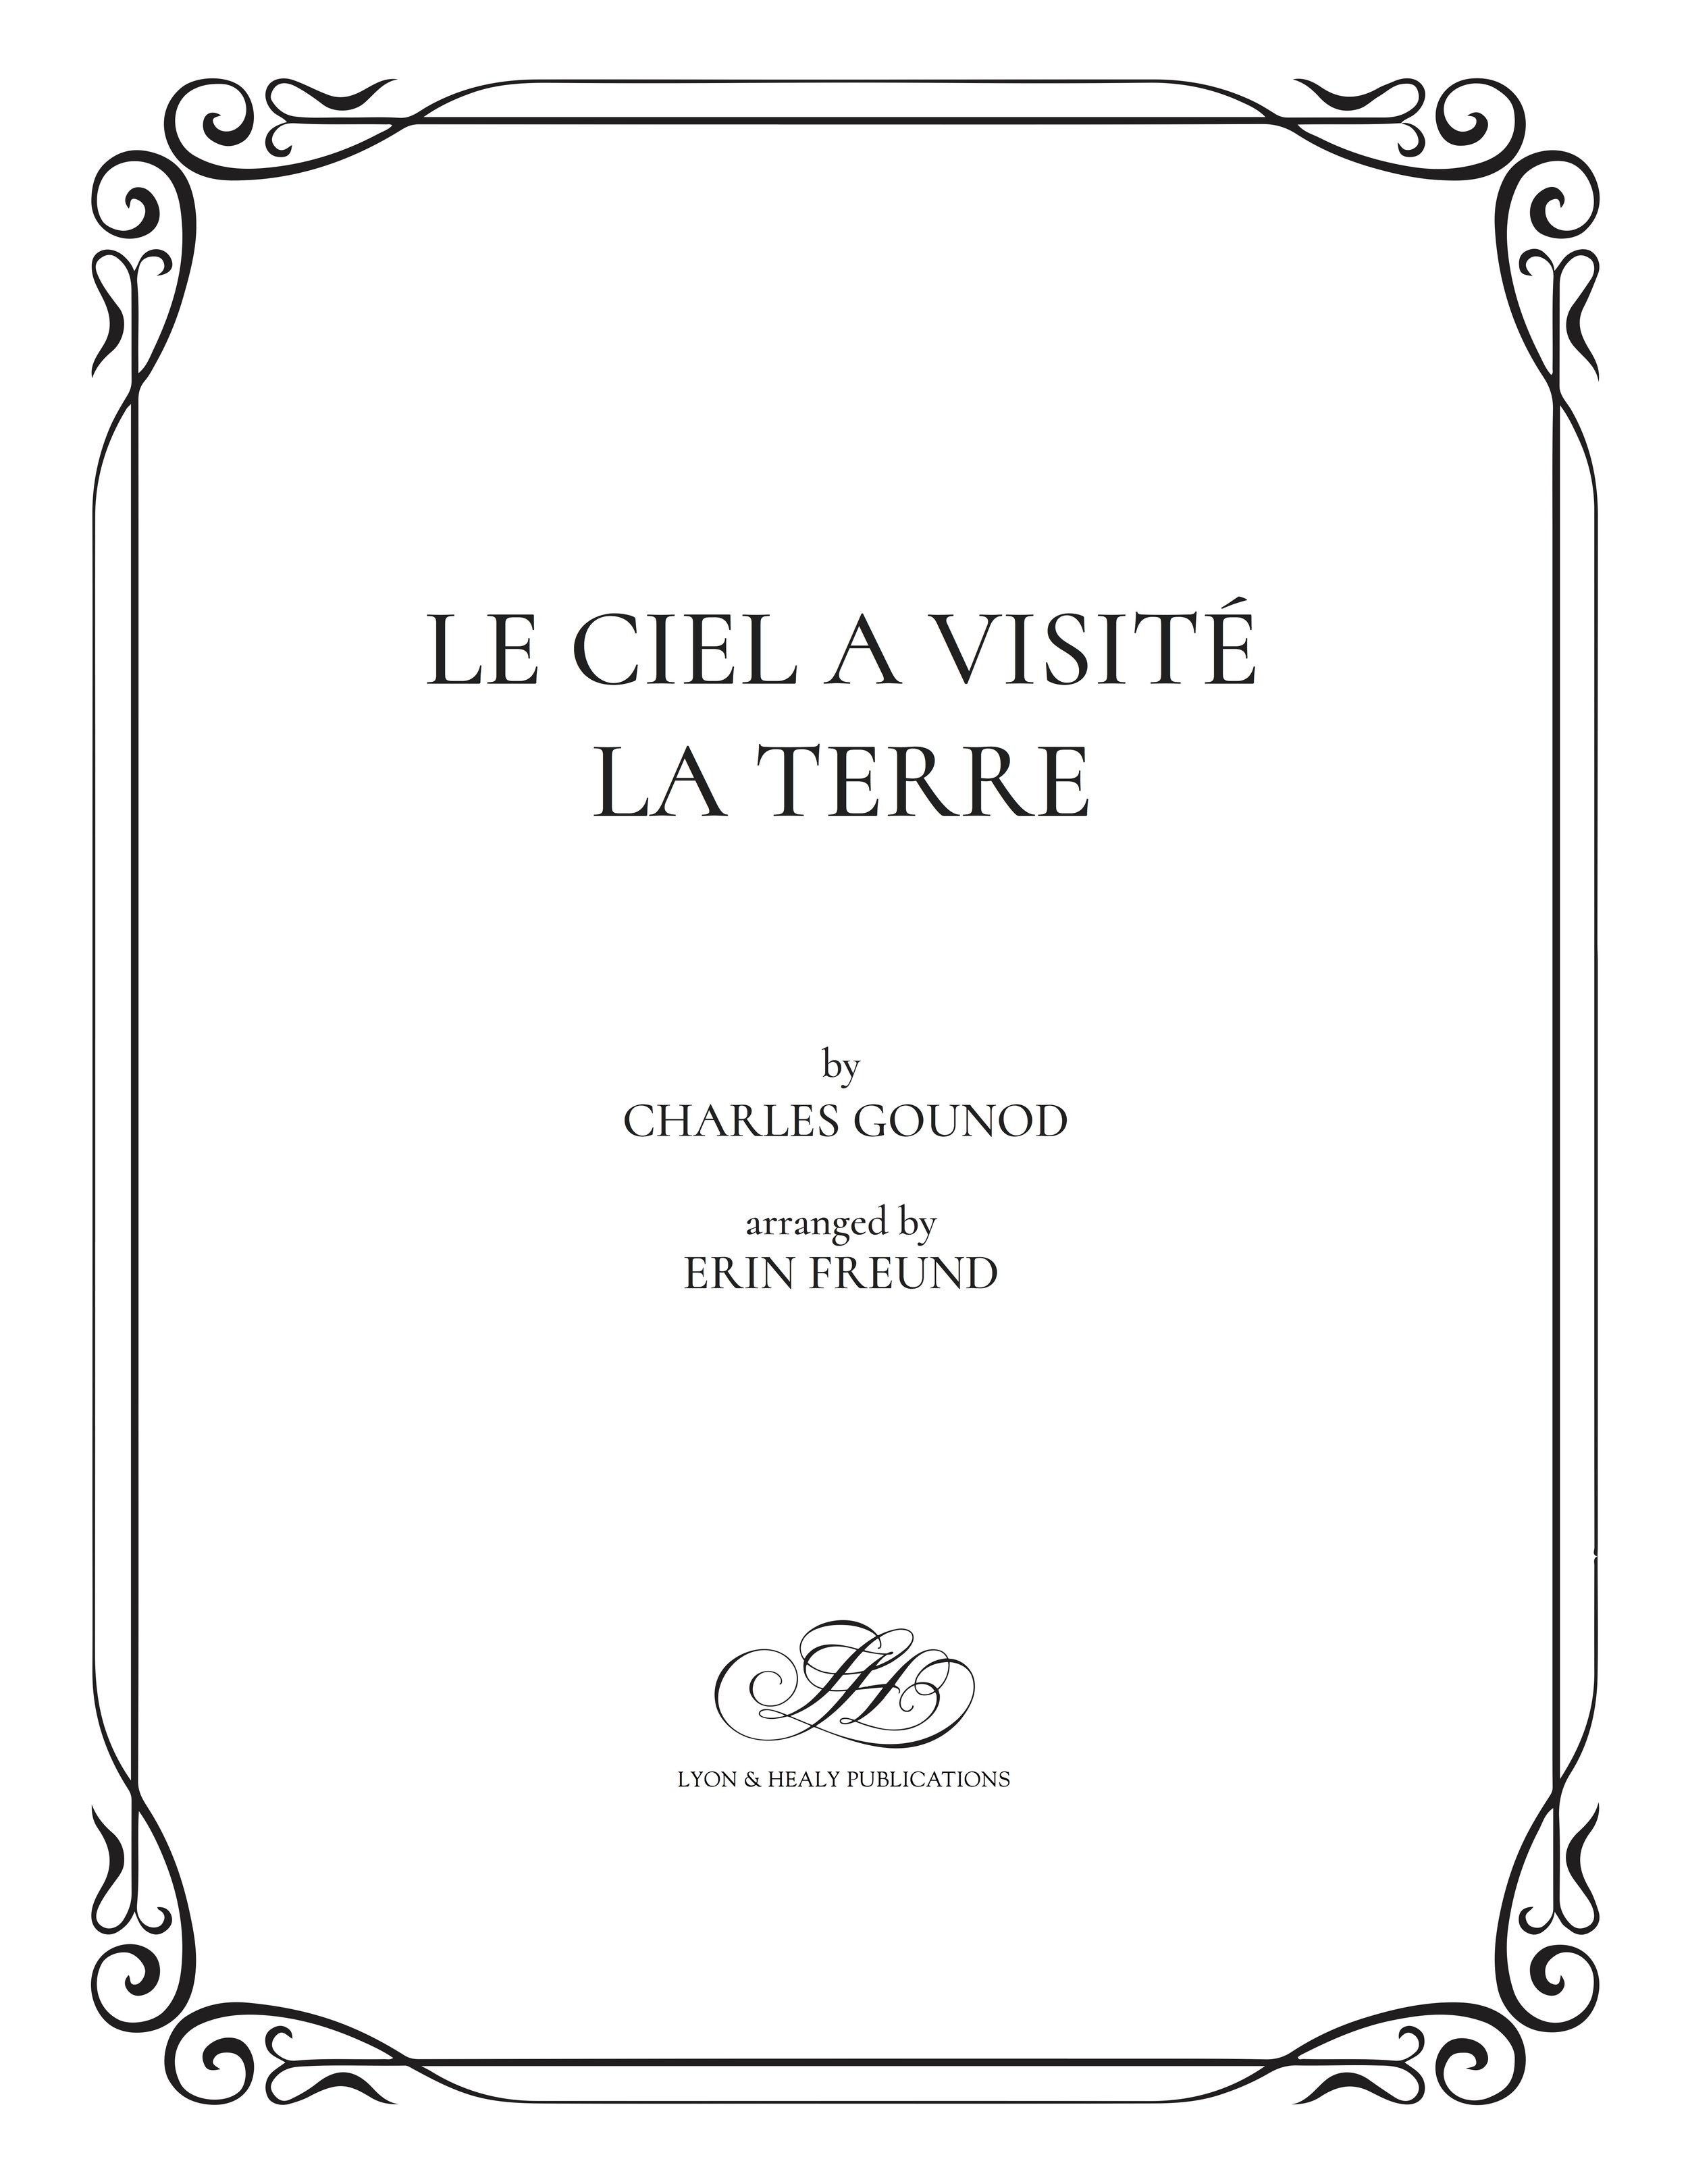 La ciel a visité la terre - Gounod-Freund cover.jpg